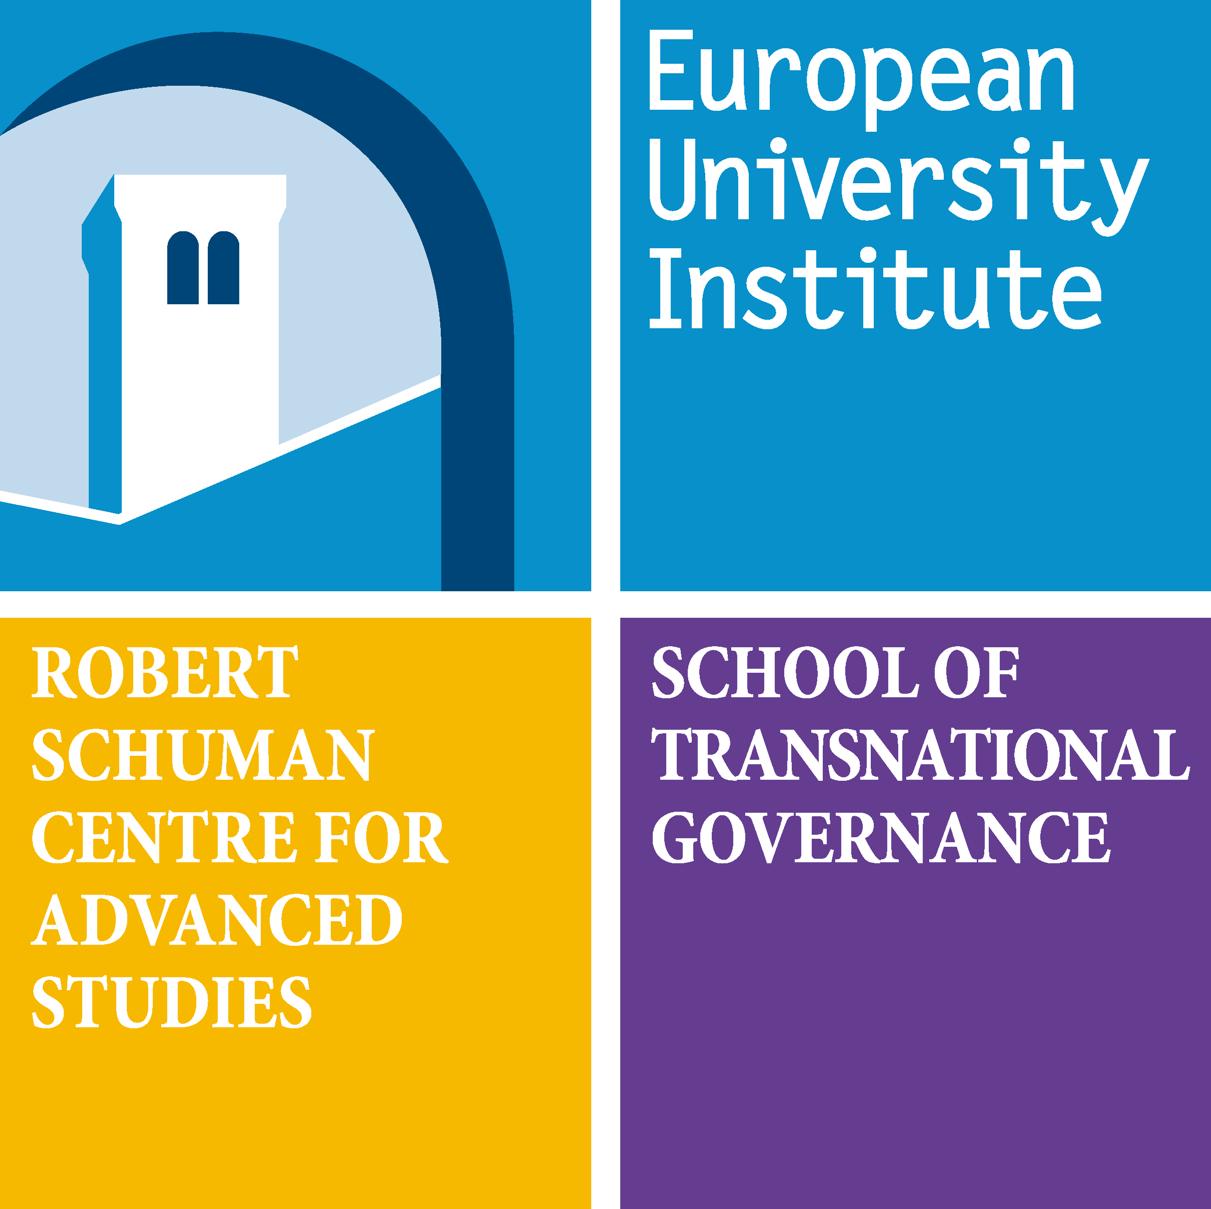 European University Institute